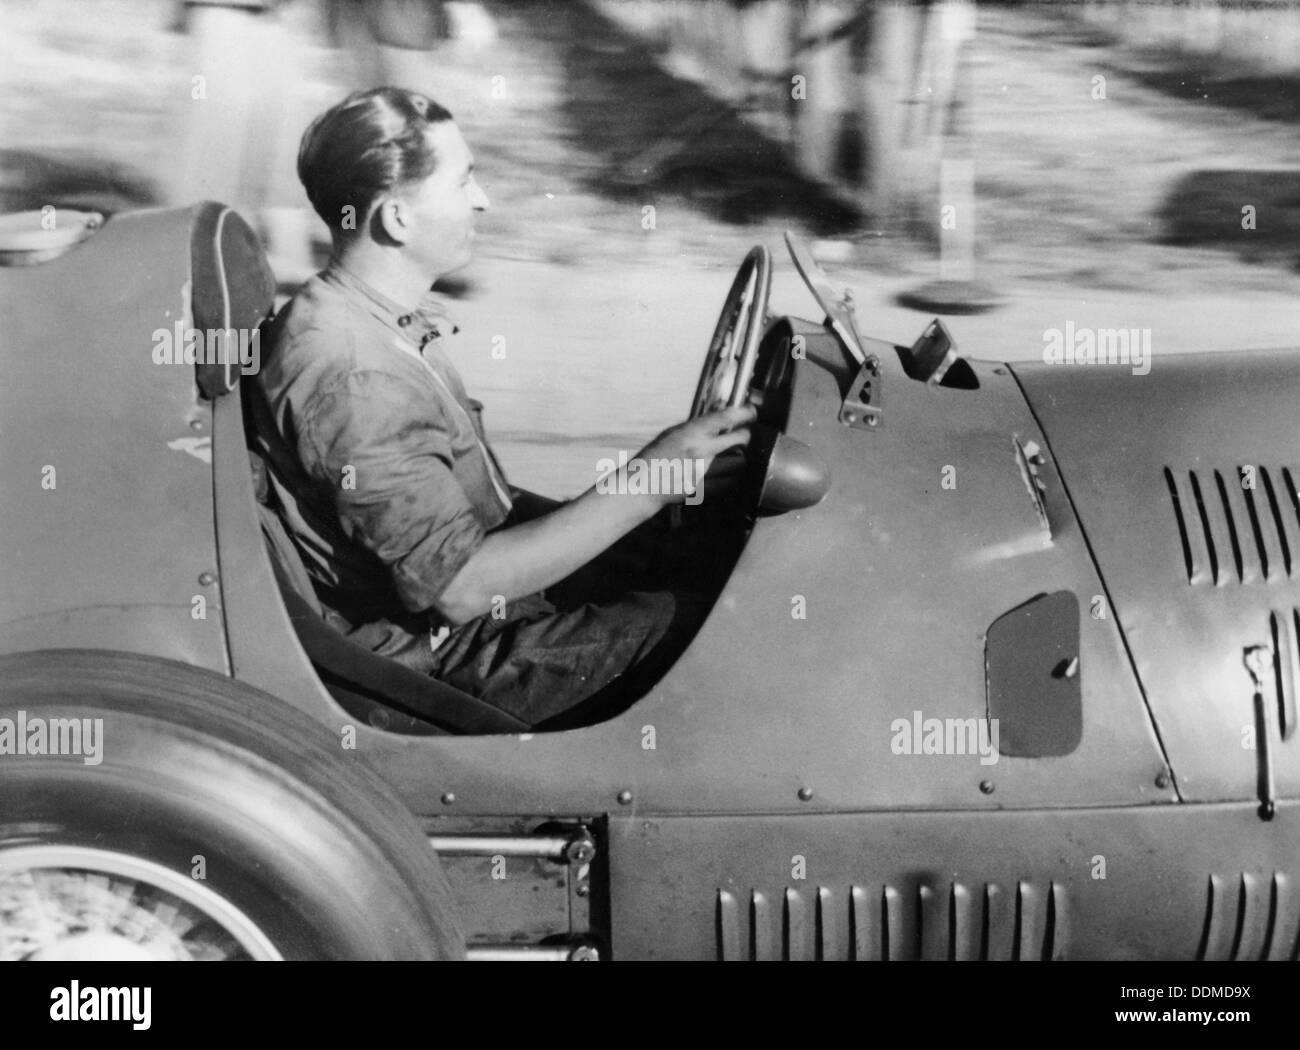 Alberto Ascari Al Volante Di Una Vettura Da Corsa Foto Immagine